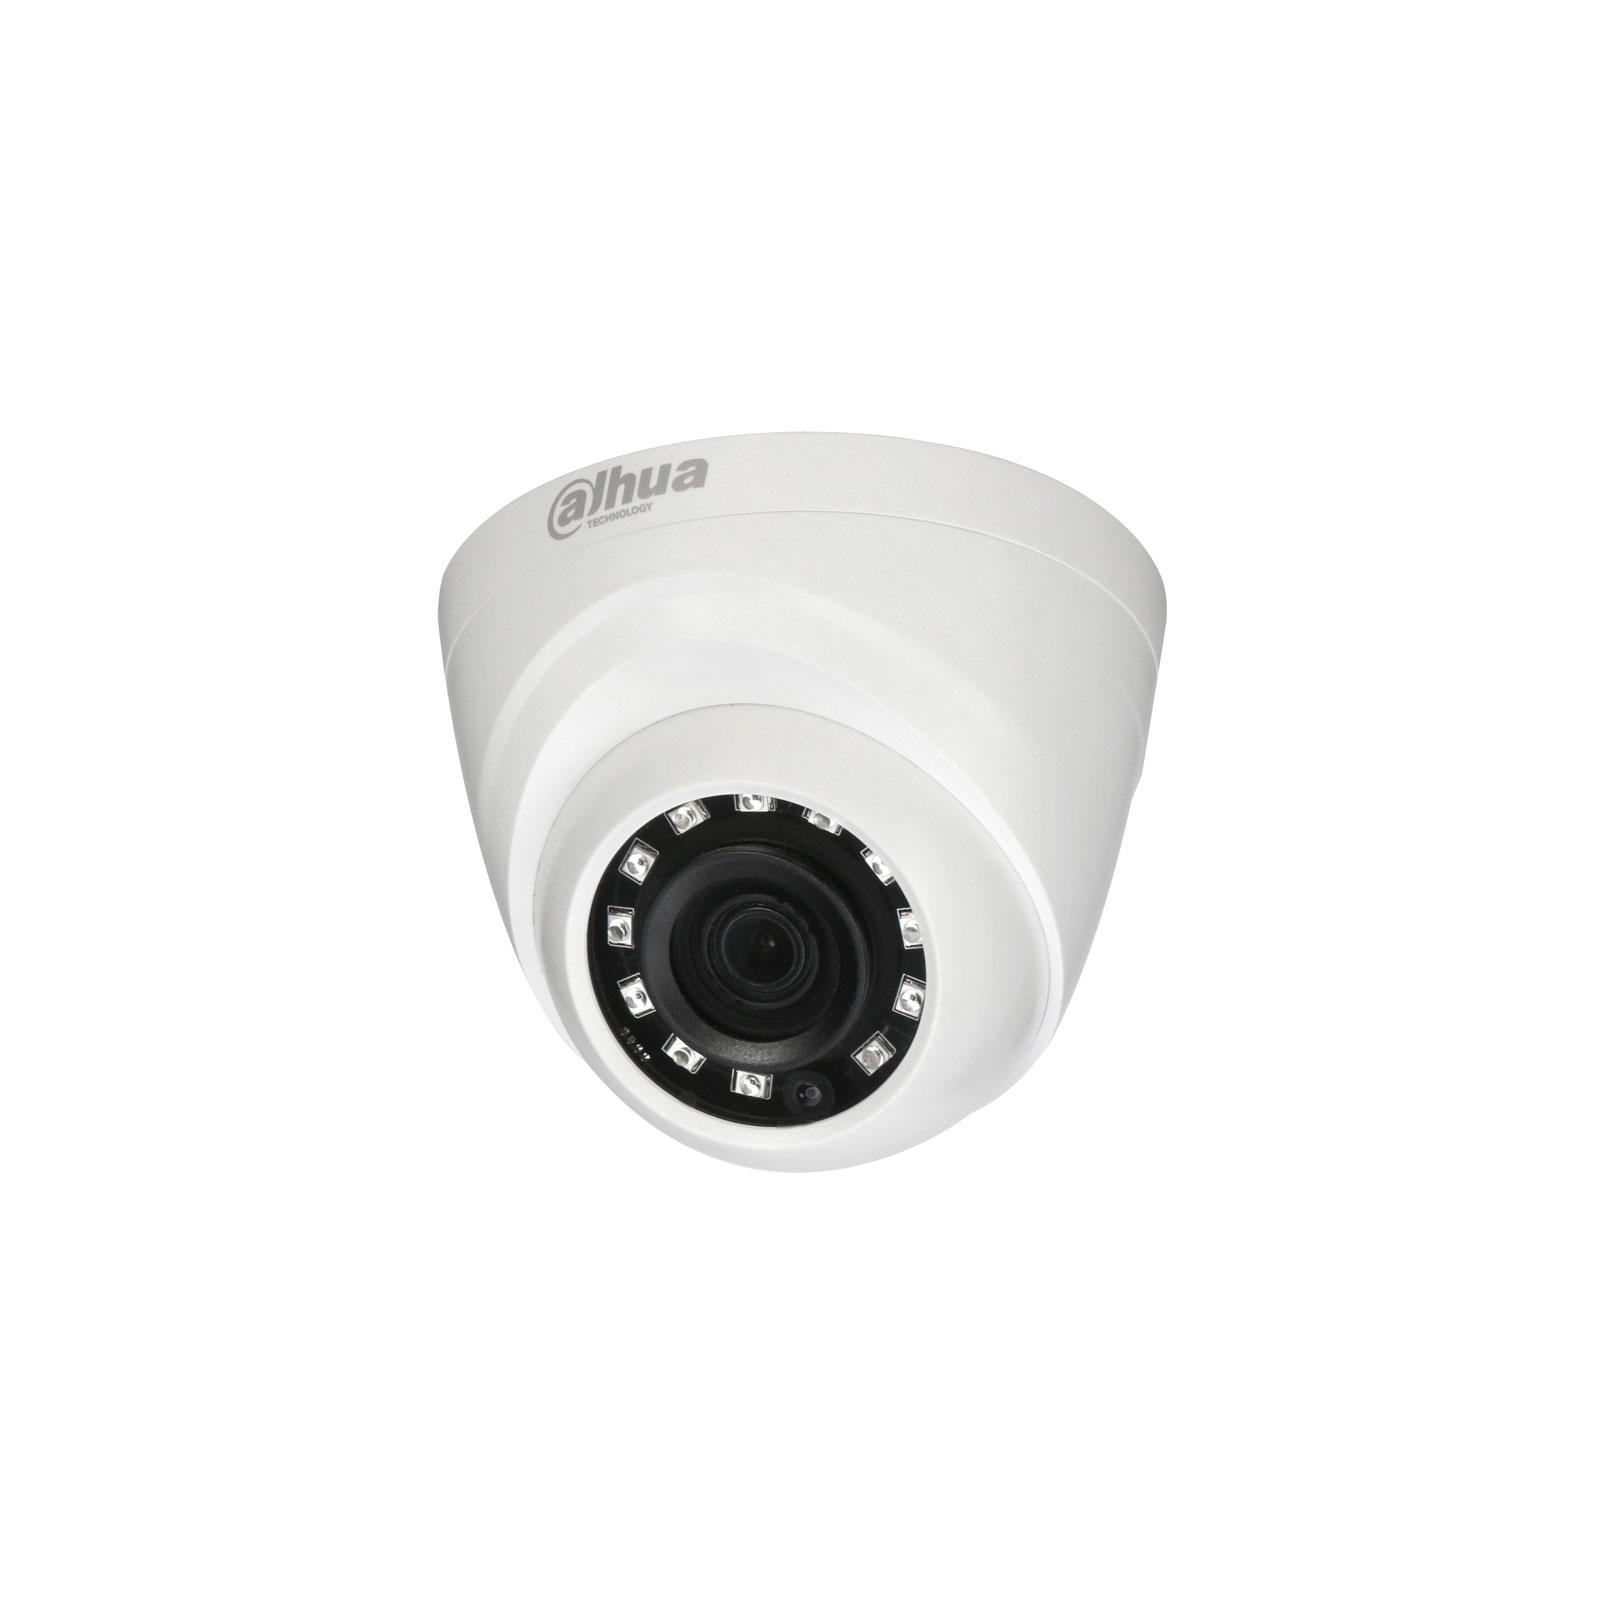 Камера видеонаблюдения Dahua DH-HAC-HDW1200RP (2.8)